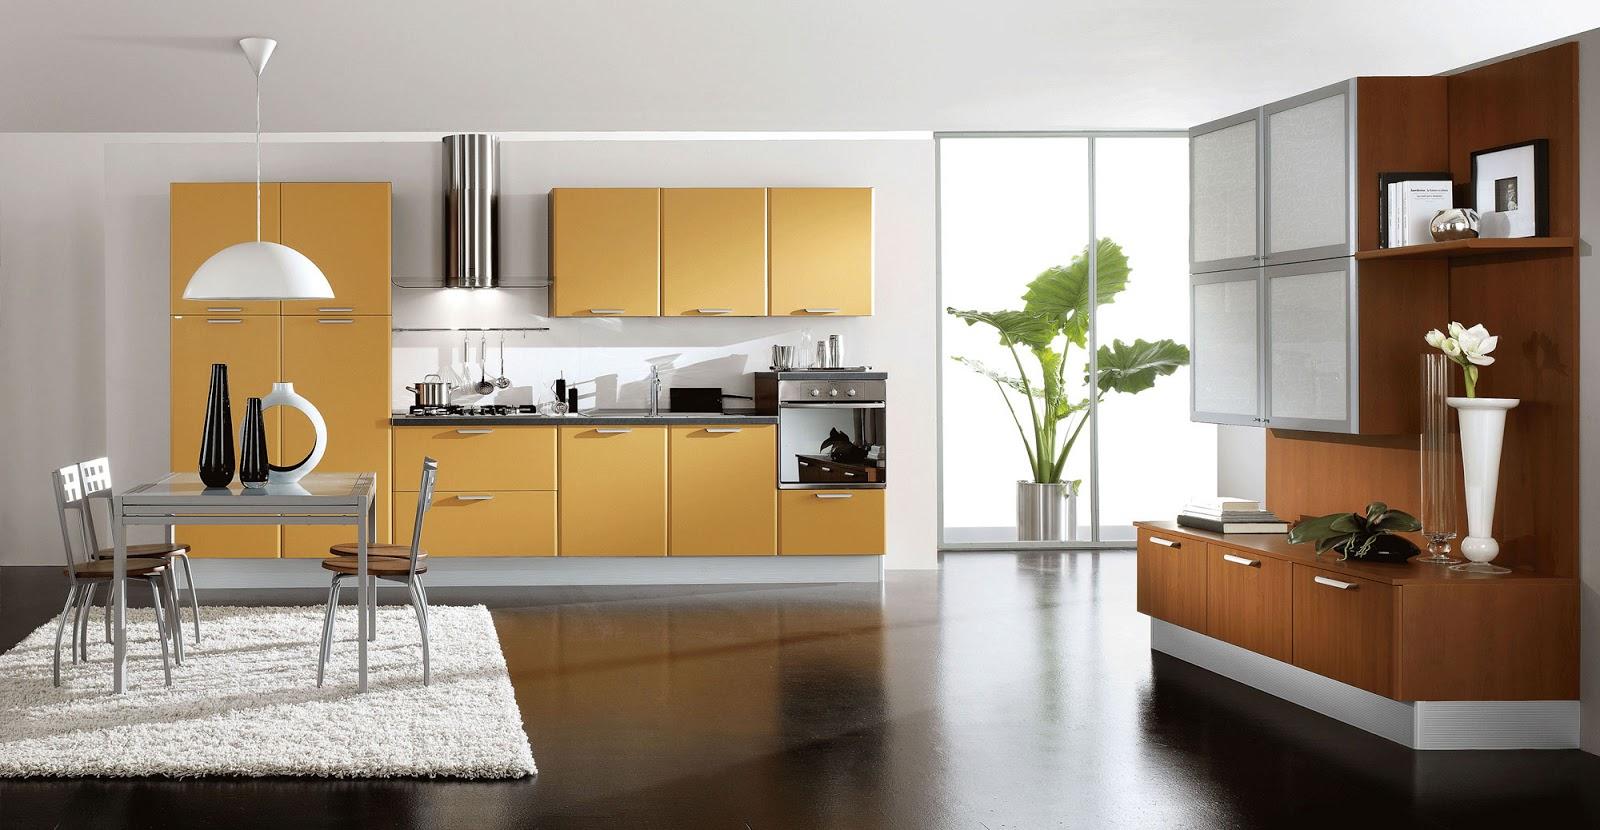 C mo distribuir el espacio en la cocina cocinas con estilo - Como distribuir una cocina ...